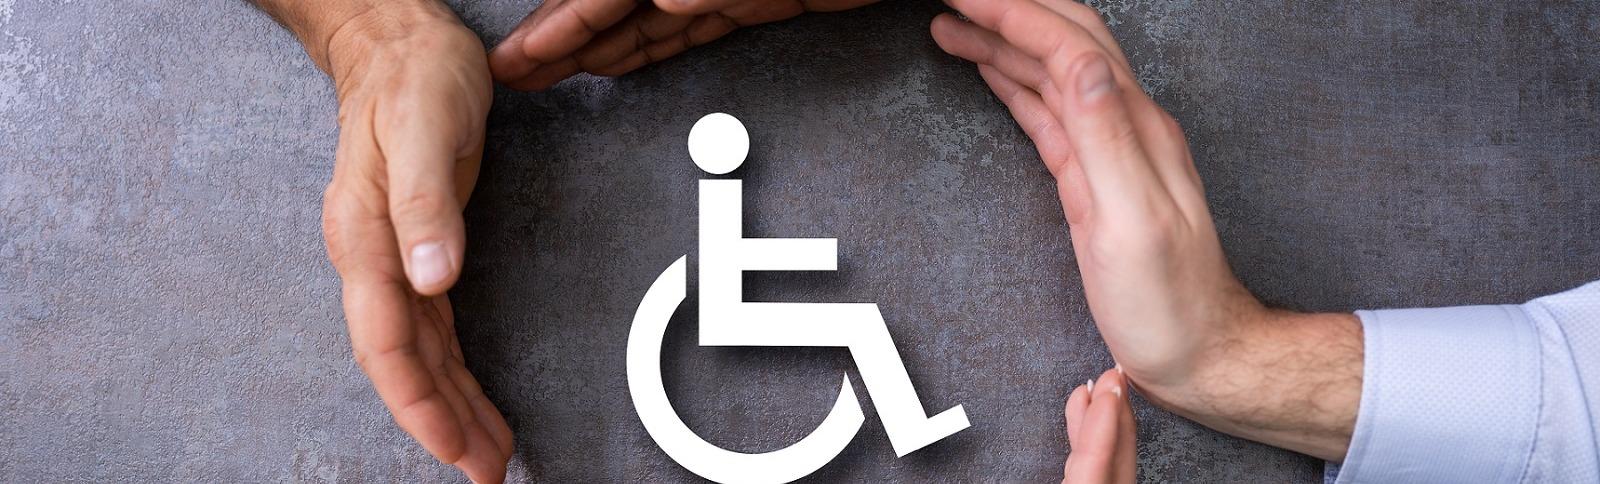 Banco de Talentos - Pessoas com deficiência